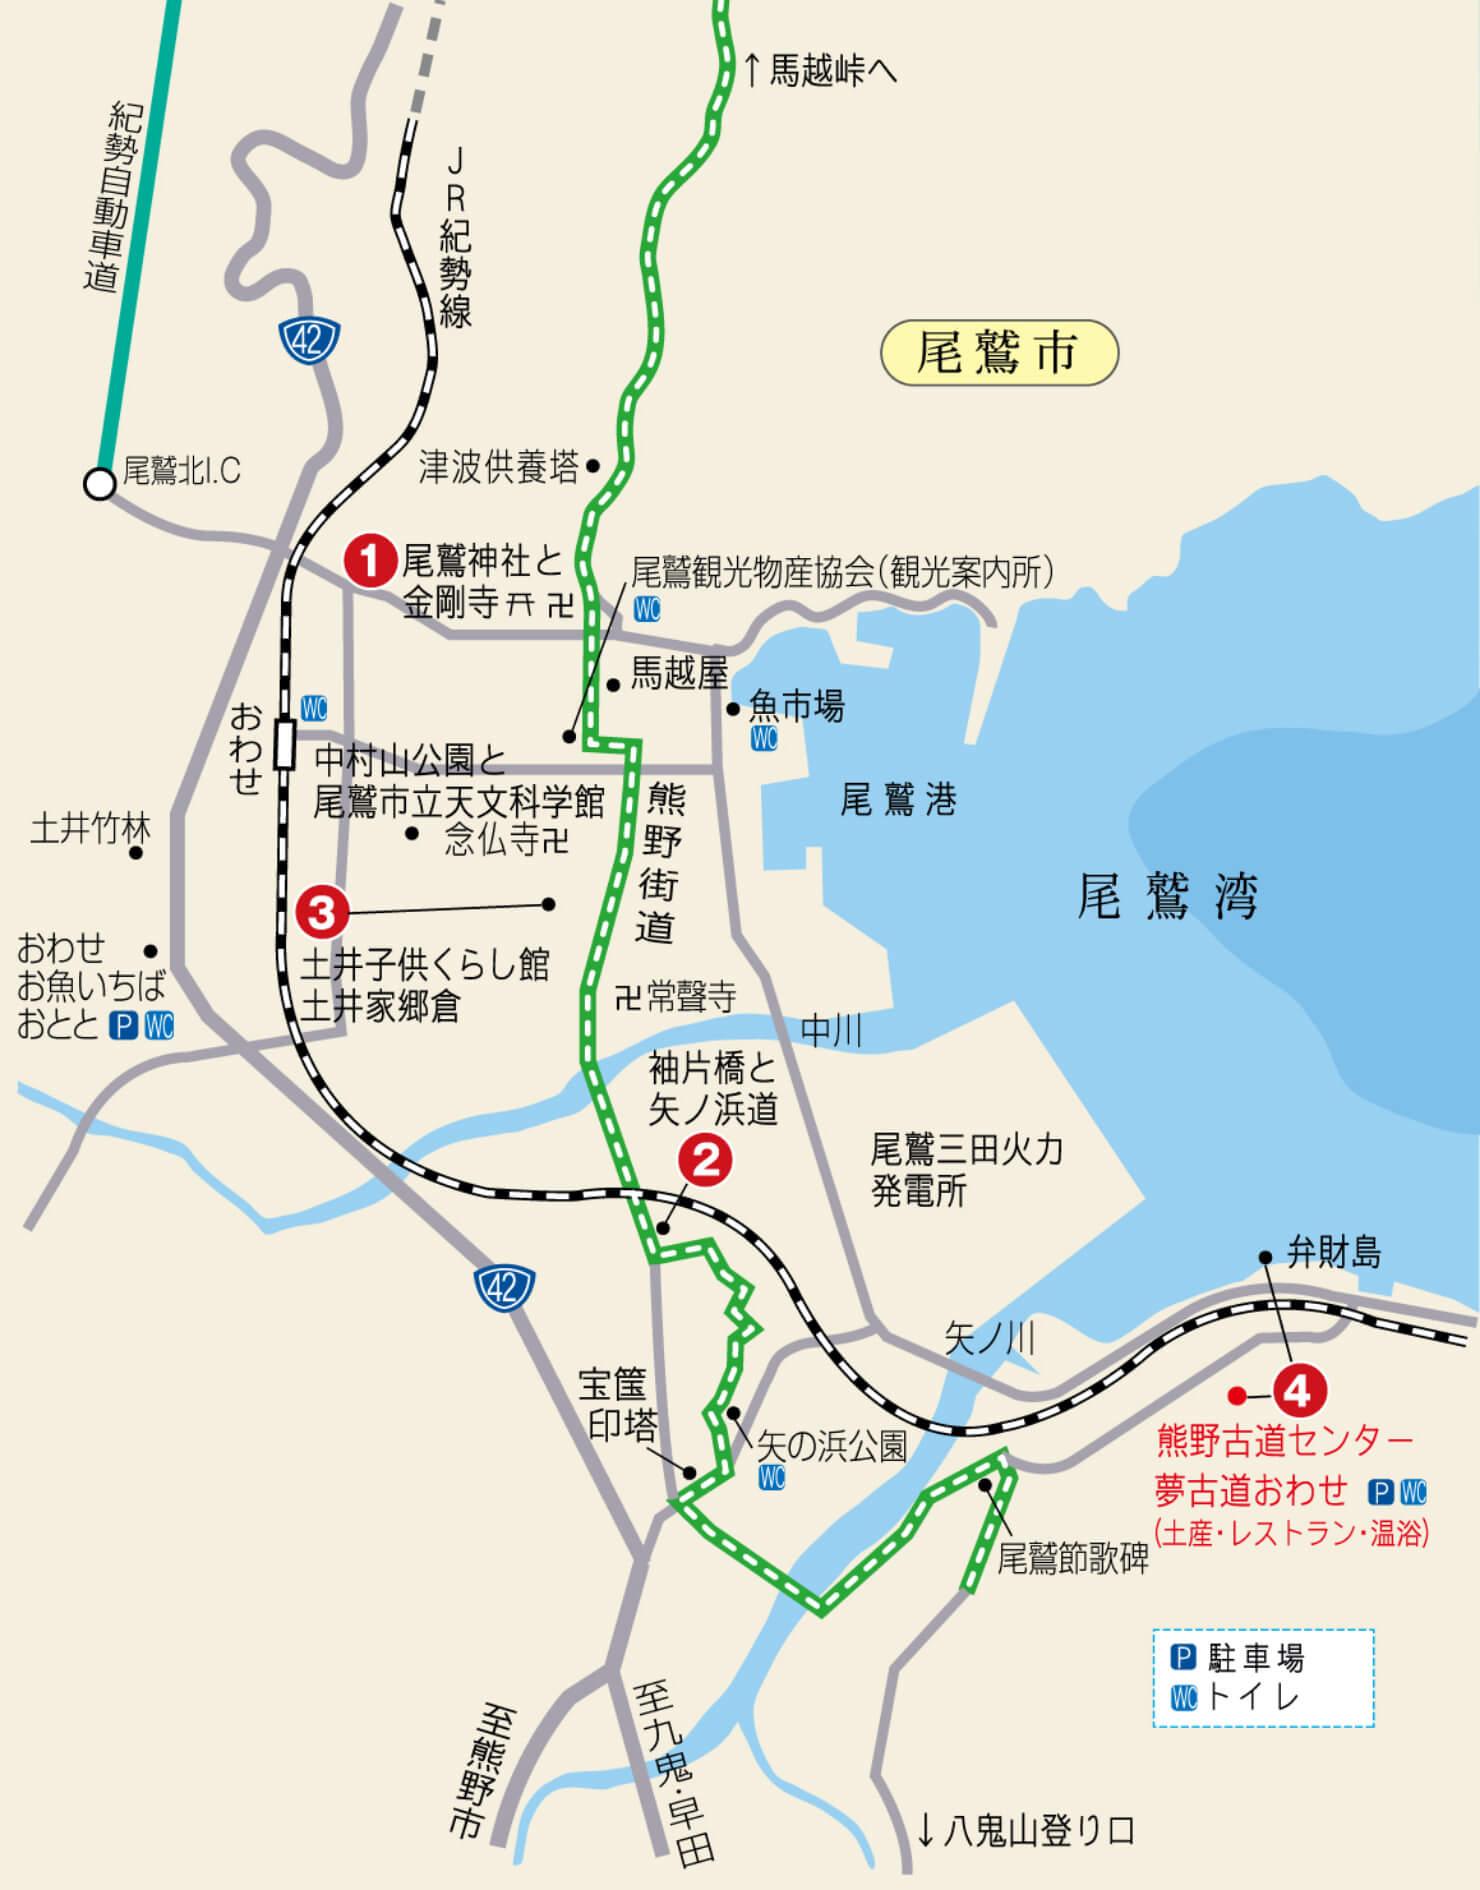 尾鷲市街地図